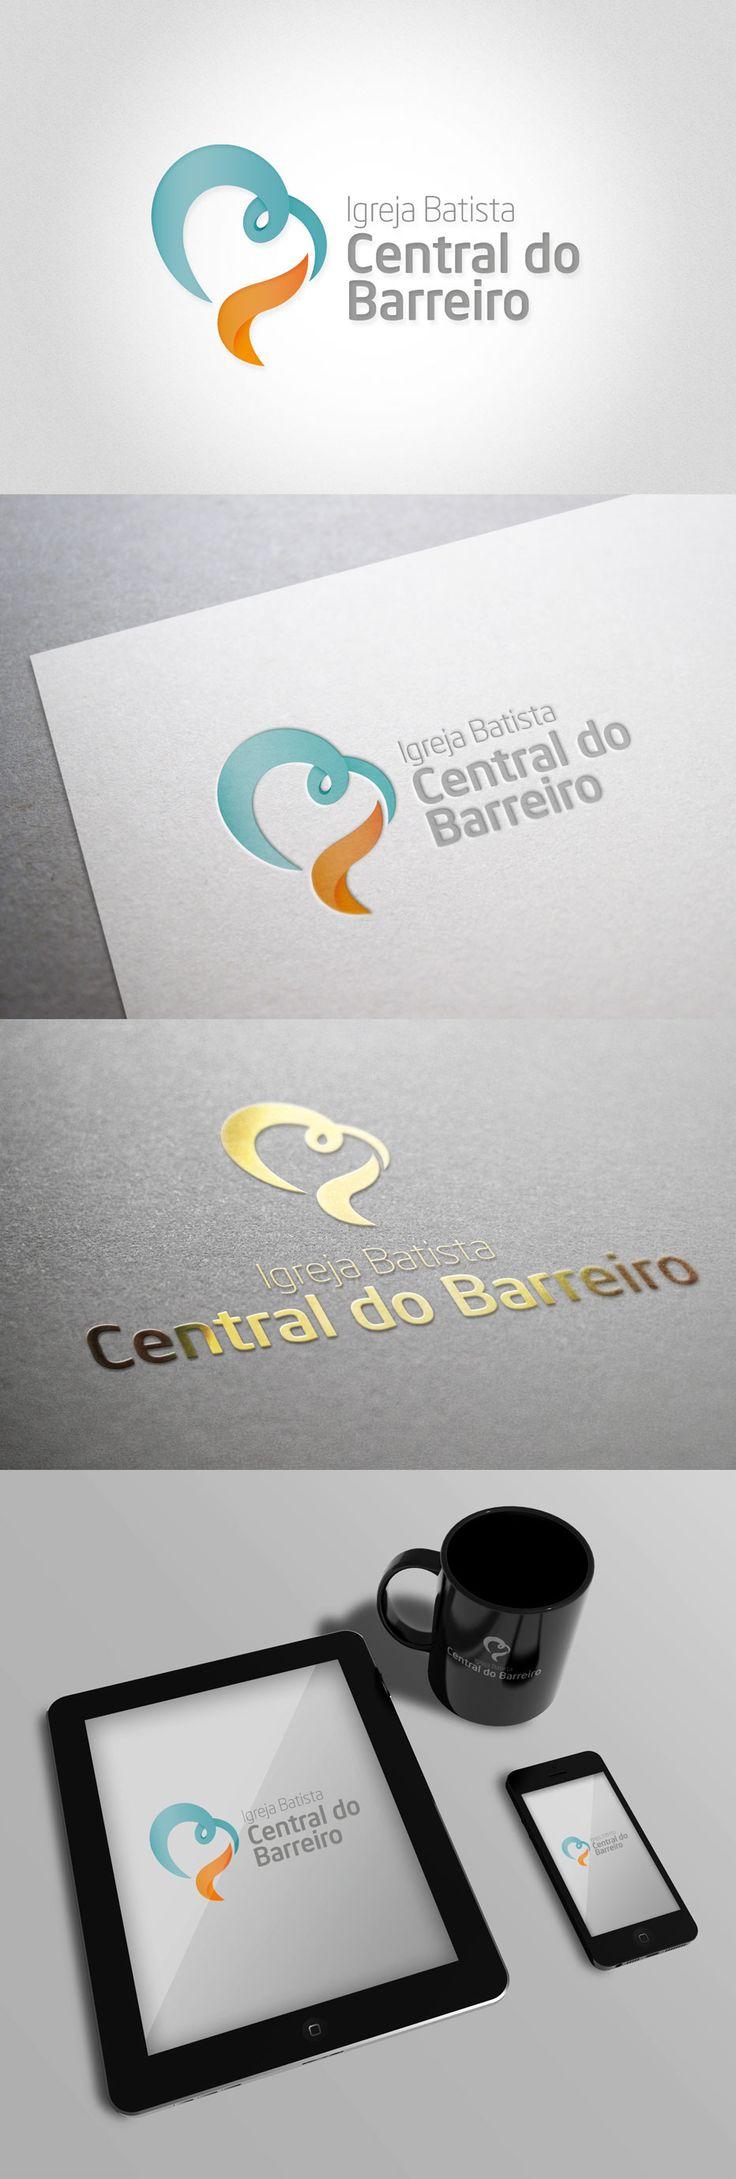 Logo da Igreja Batista Central do Barreiro - Quartel Design - Quartel Design